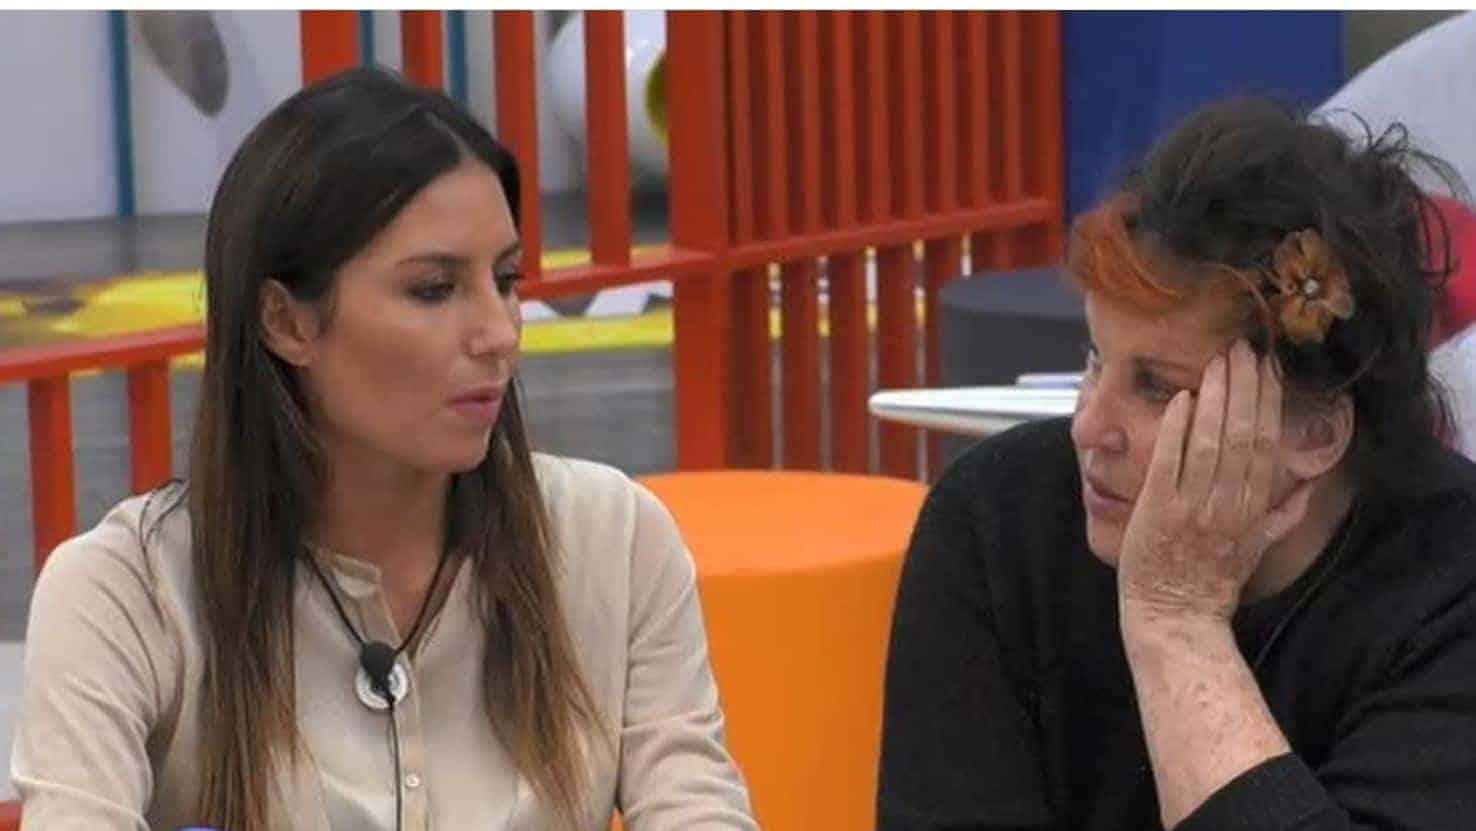 Elisabetta Gregoraci al GF VIP5 rivela perchè è finita con Flavio Briatore